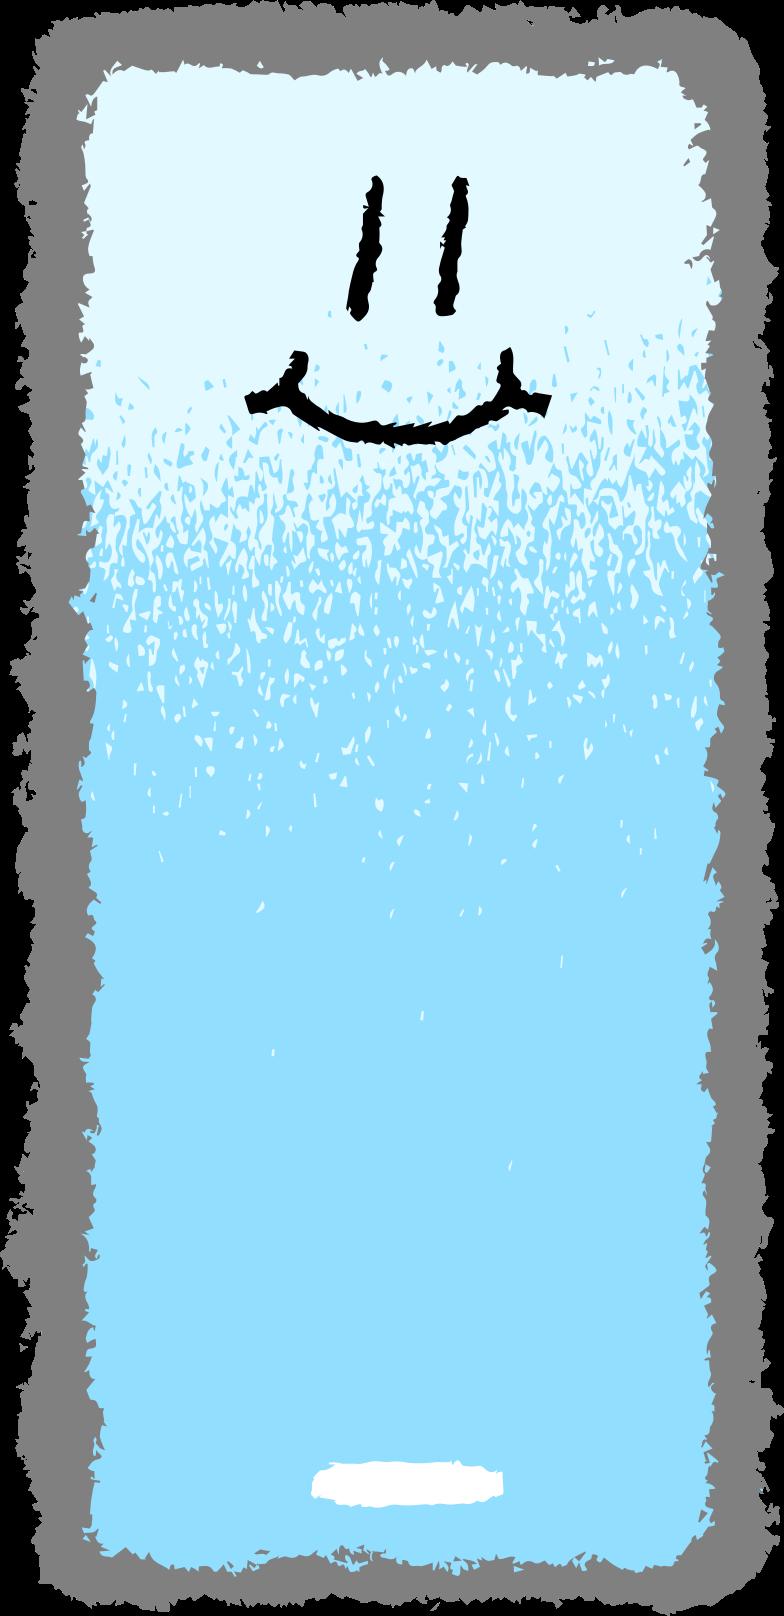 Immagine Vettoriale faccia dello smartphone in PNG e SVG in stile  | Illustrazioni Icons8